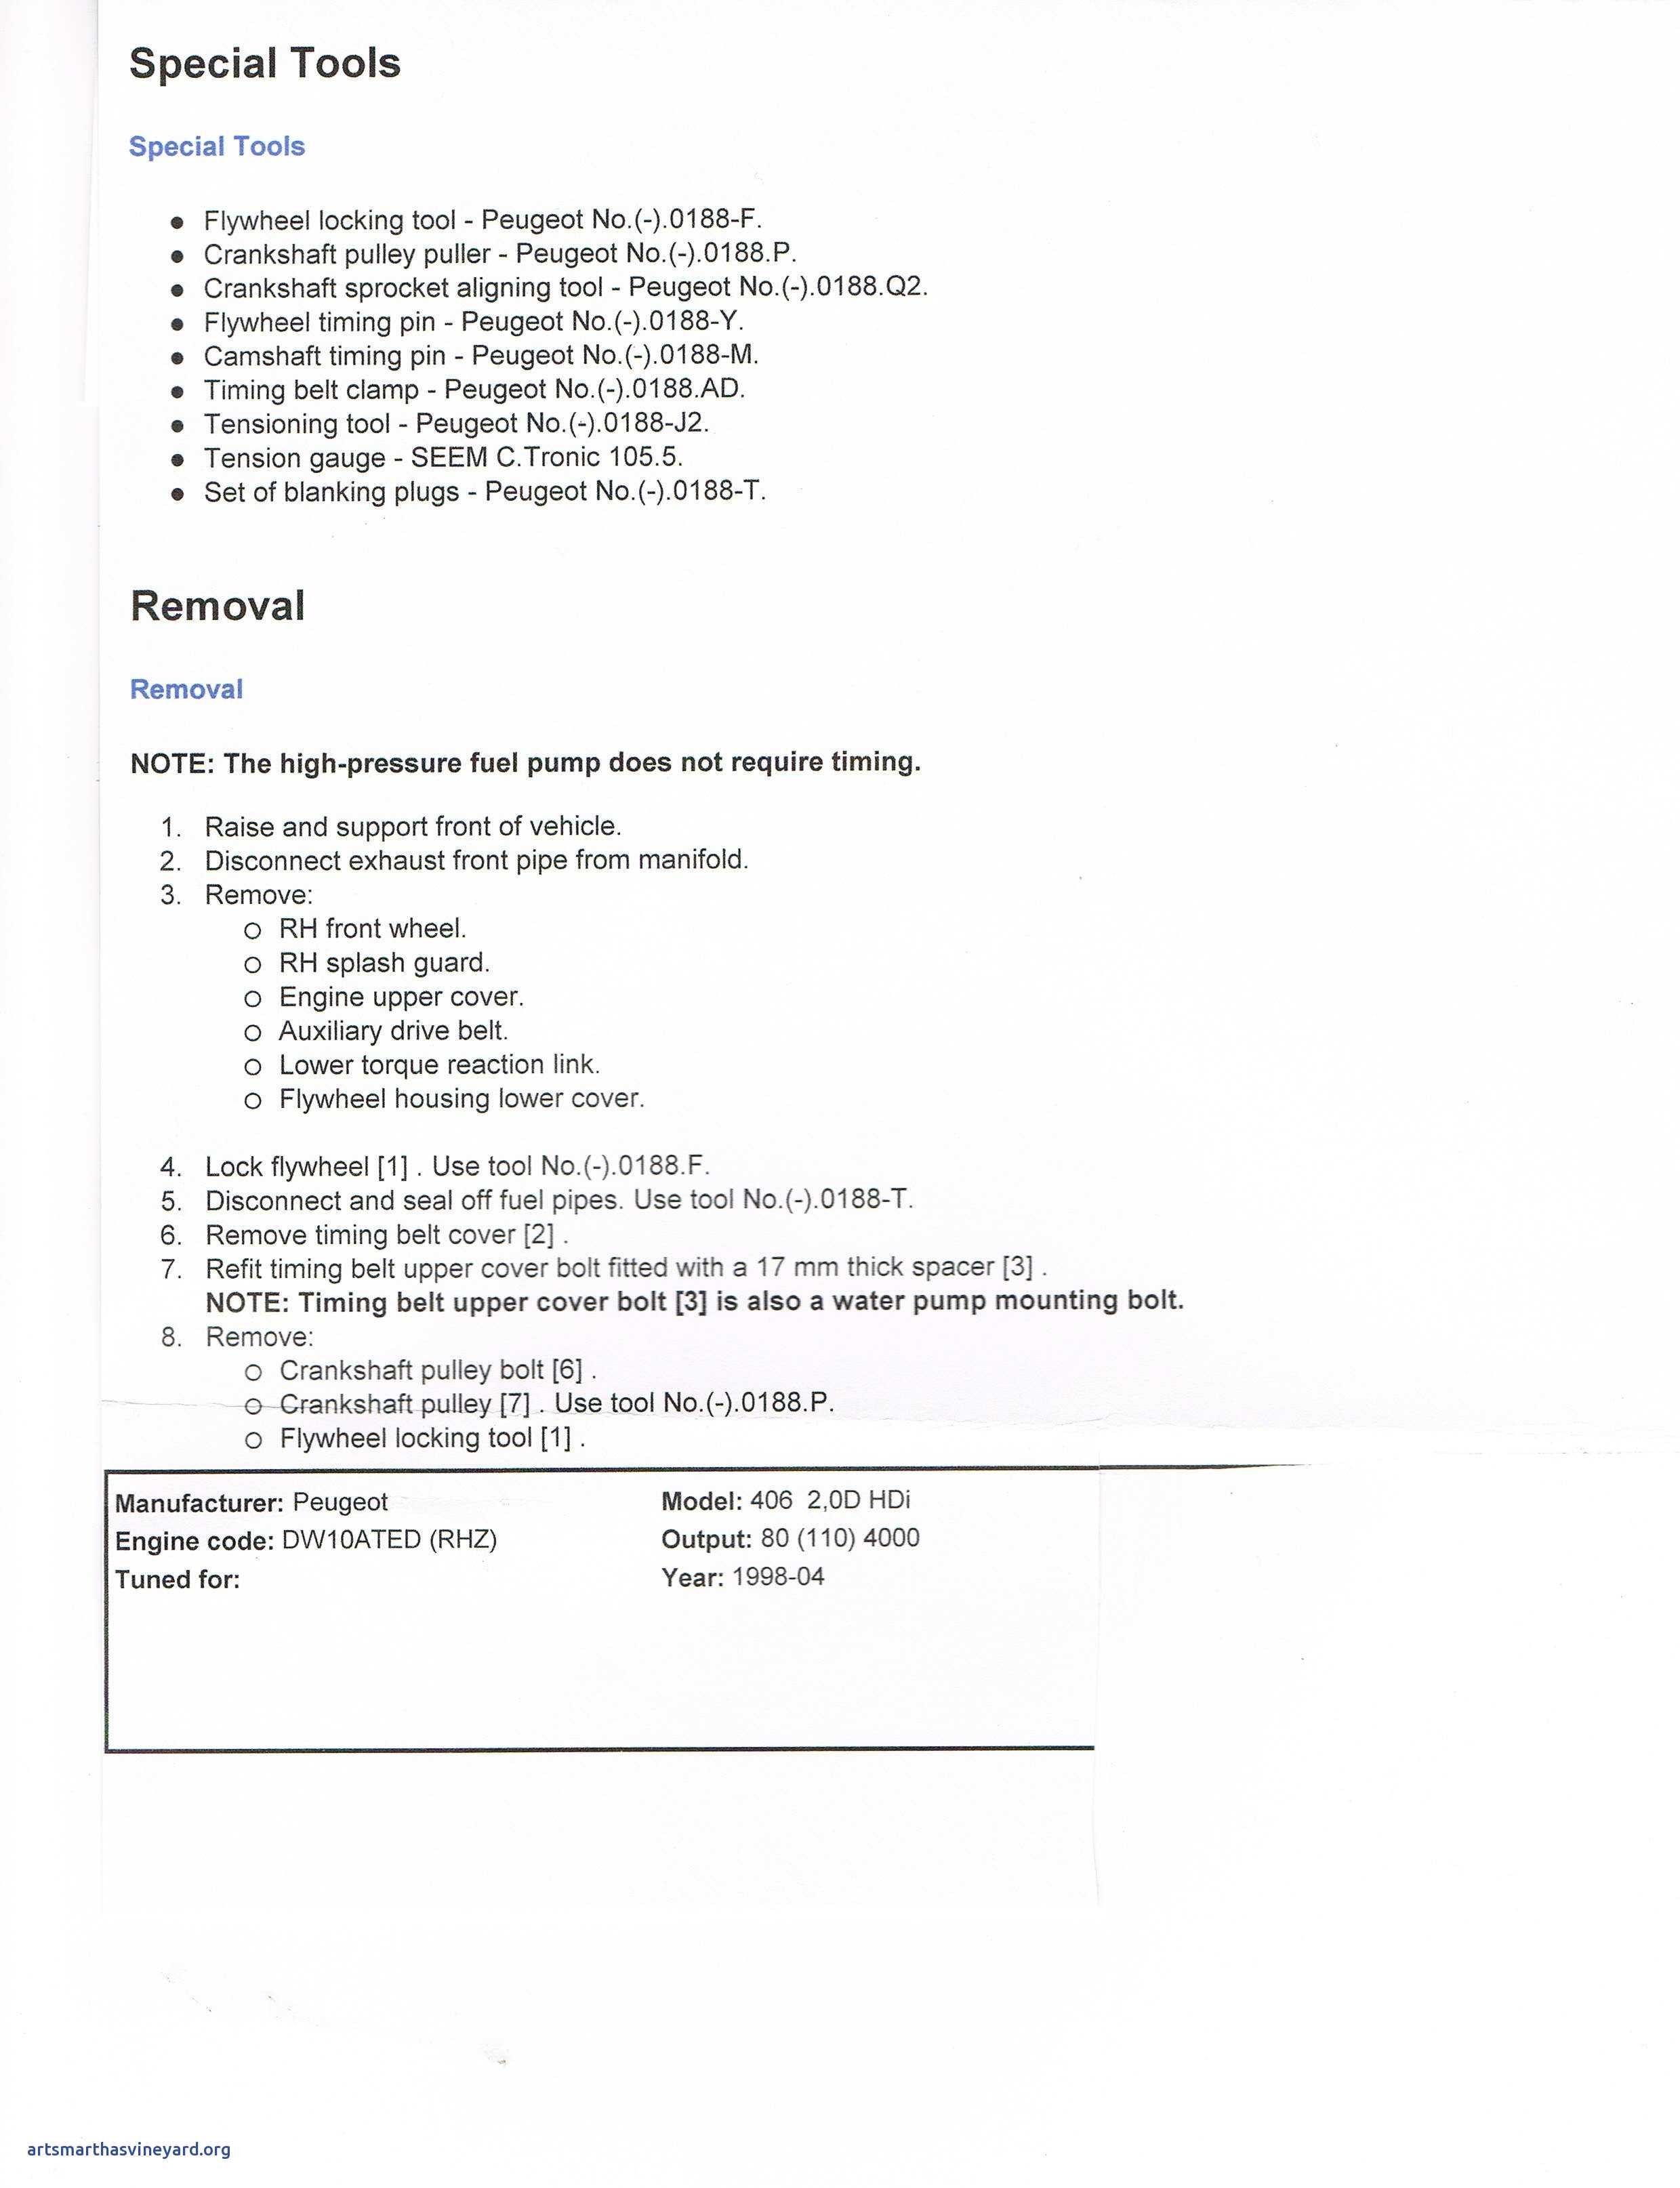 Donation Letter Template - Sample Gift Letter for Mortgage New Mortgage Gift Letter Template 21